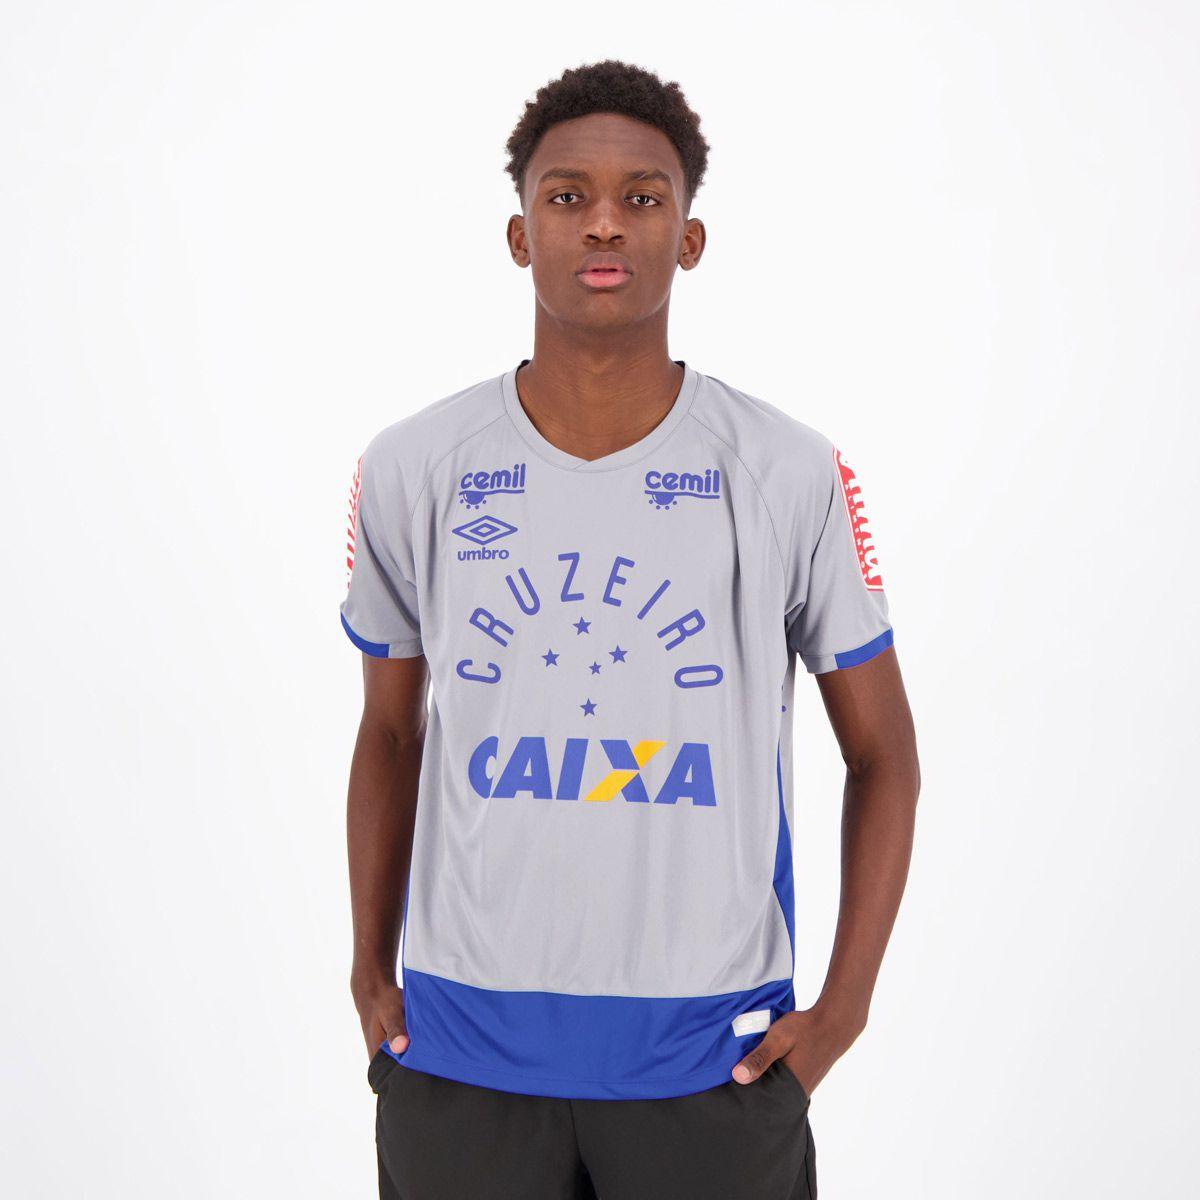 Cupom de Desconto em Camisa Umbro Cruzeiro Goleiro 2016 com Patrocínio Cinza